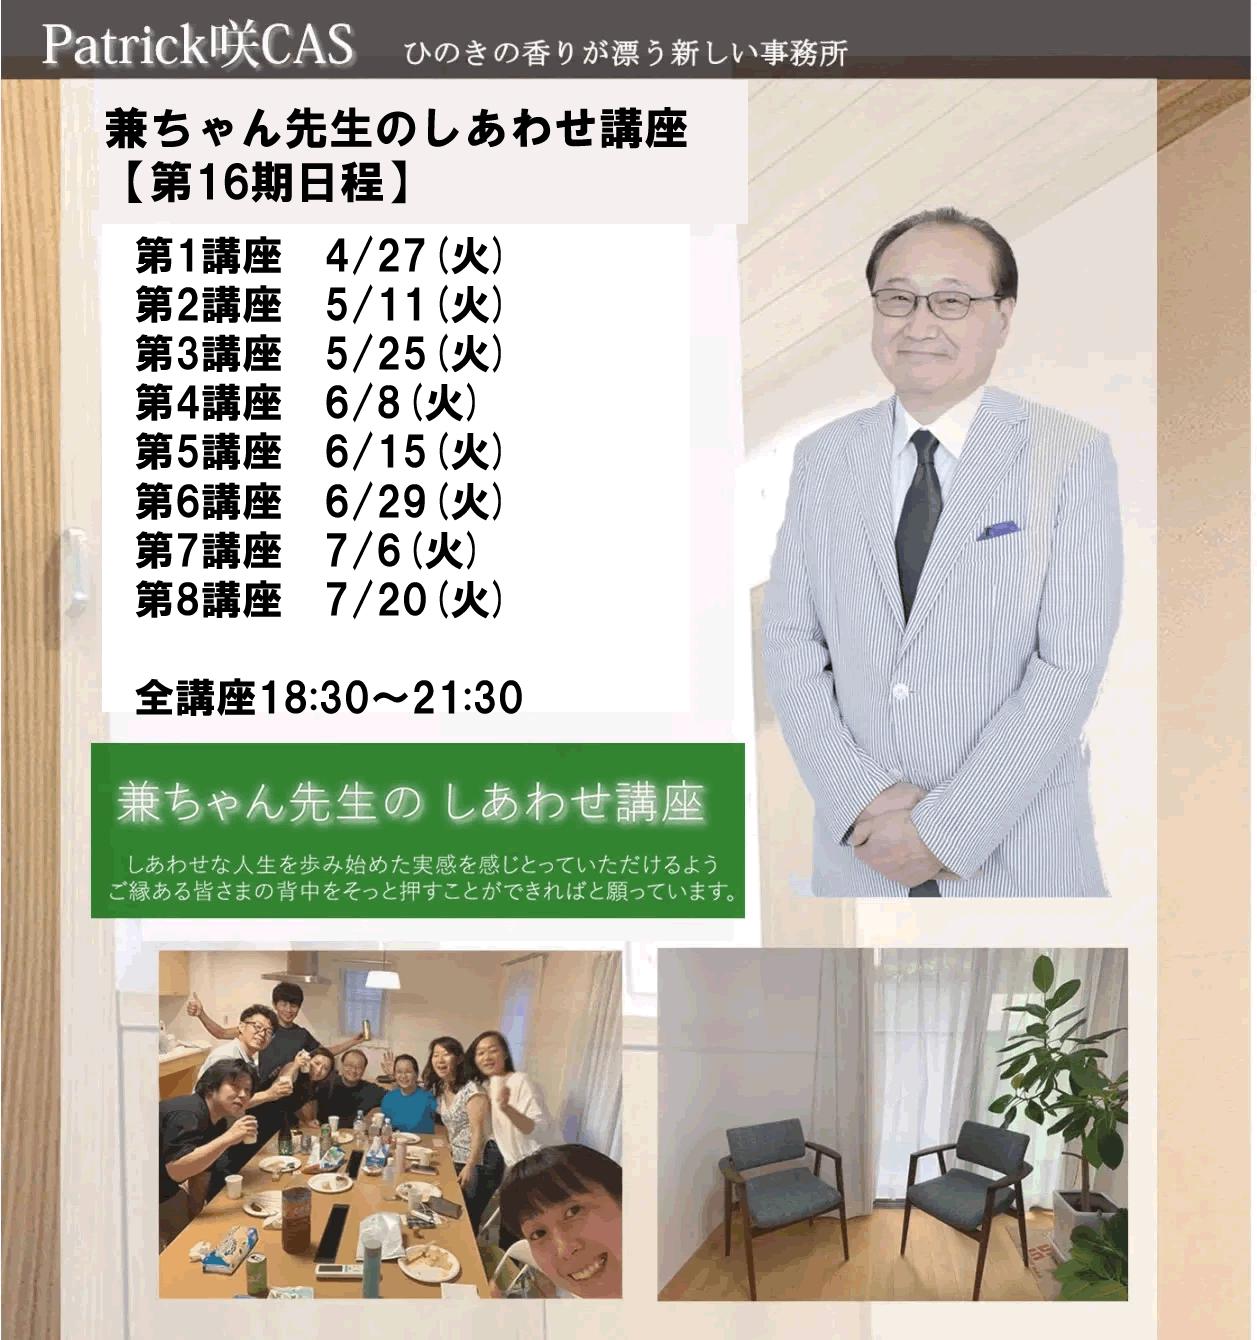 兼ちゃん先生のしあわせ講座第16期